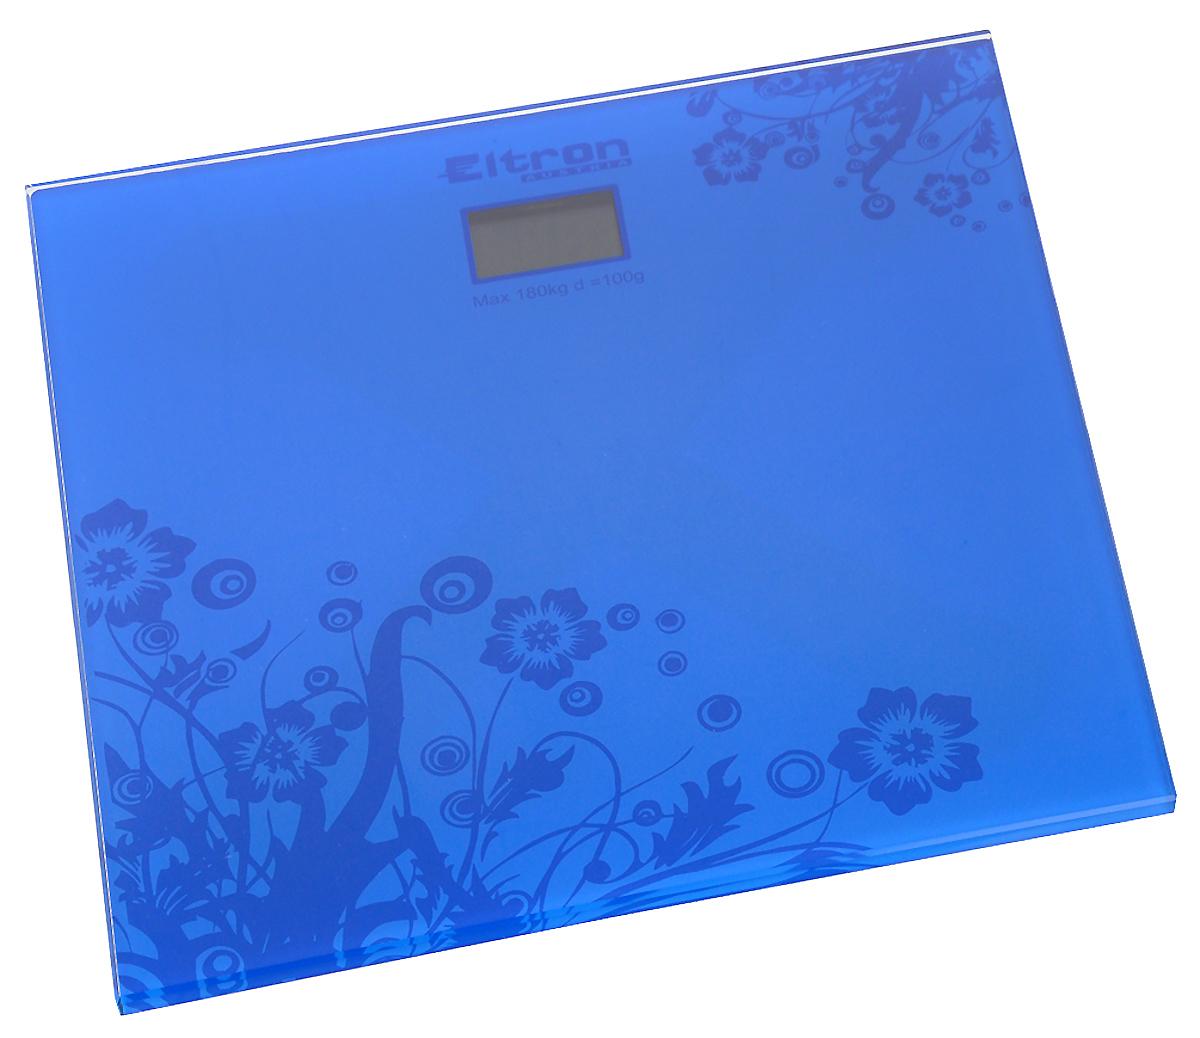 Весы напольные Eltron, цифровые, до 180 кг, цвет: синий весы eltron весы электронные